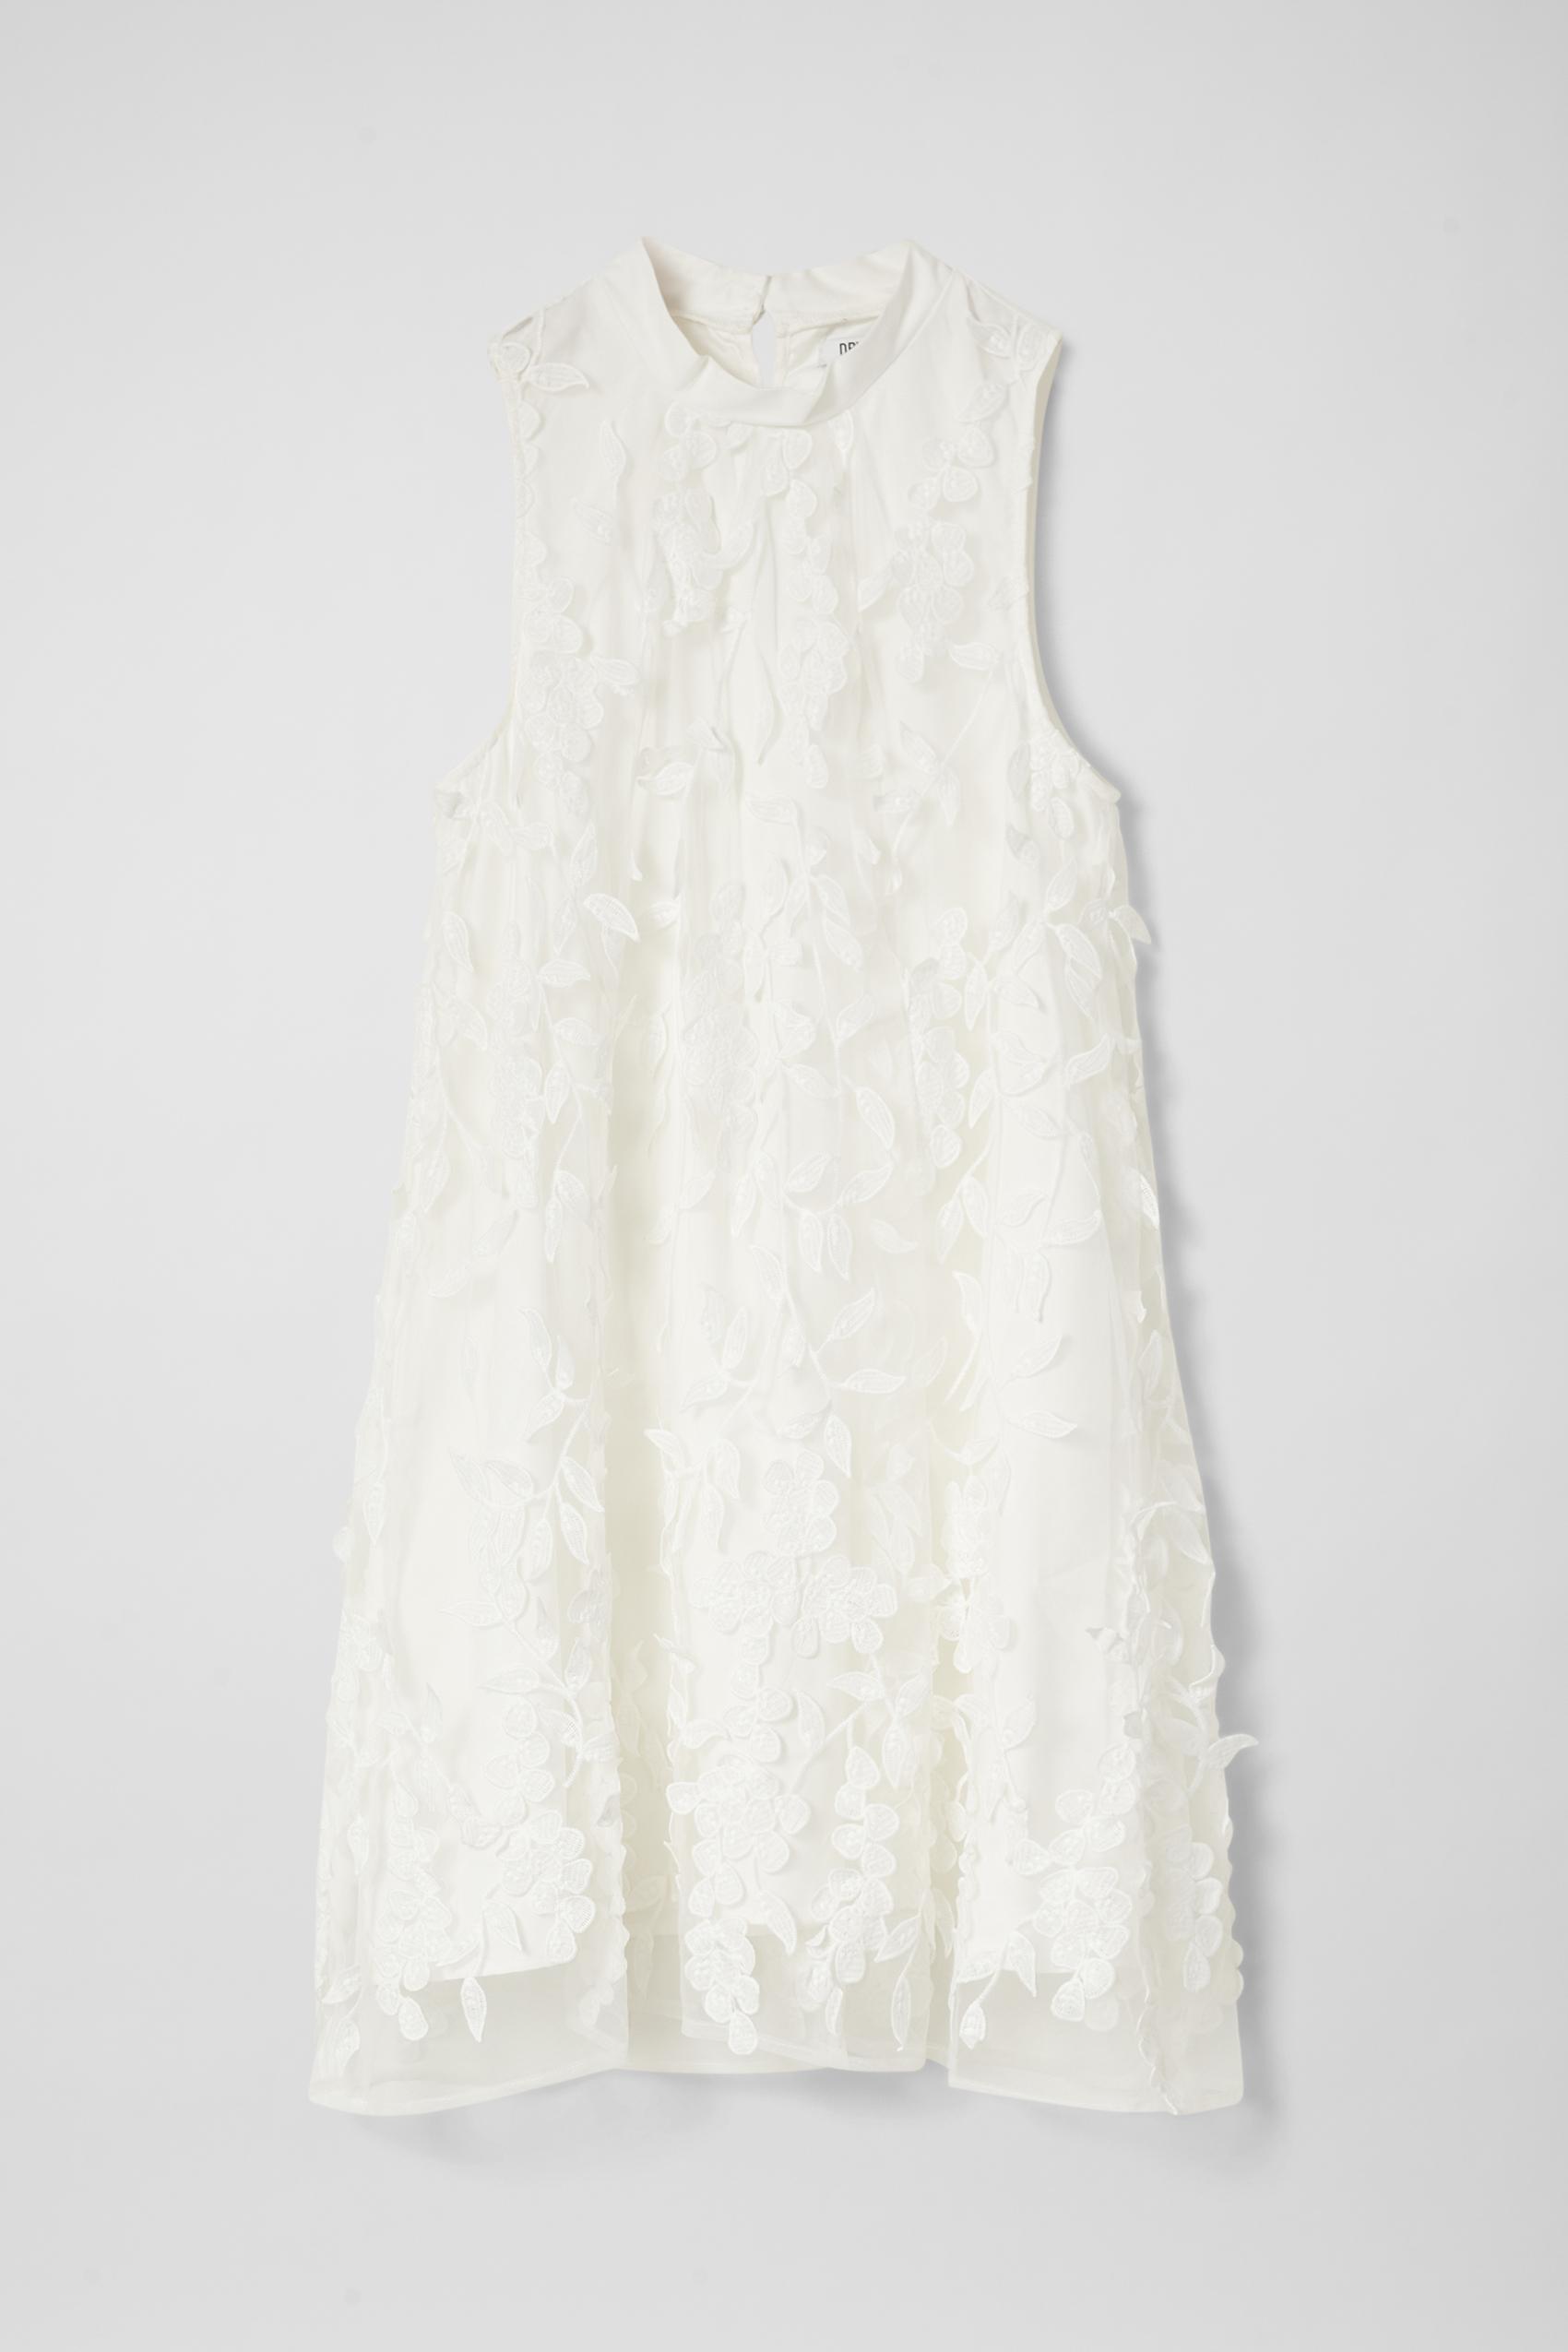 Klänningar | Dam | Köp klänningar online | MarQet